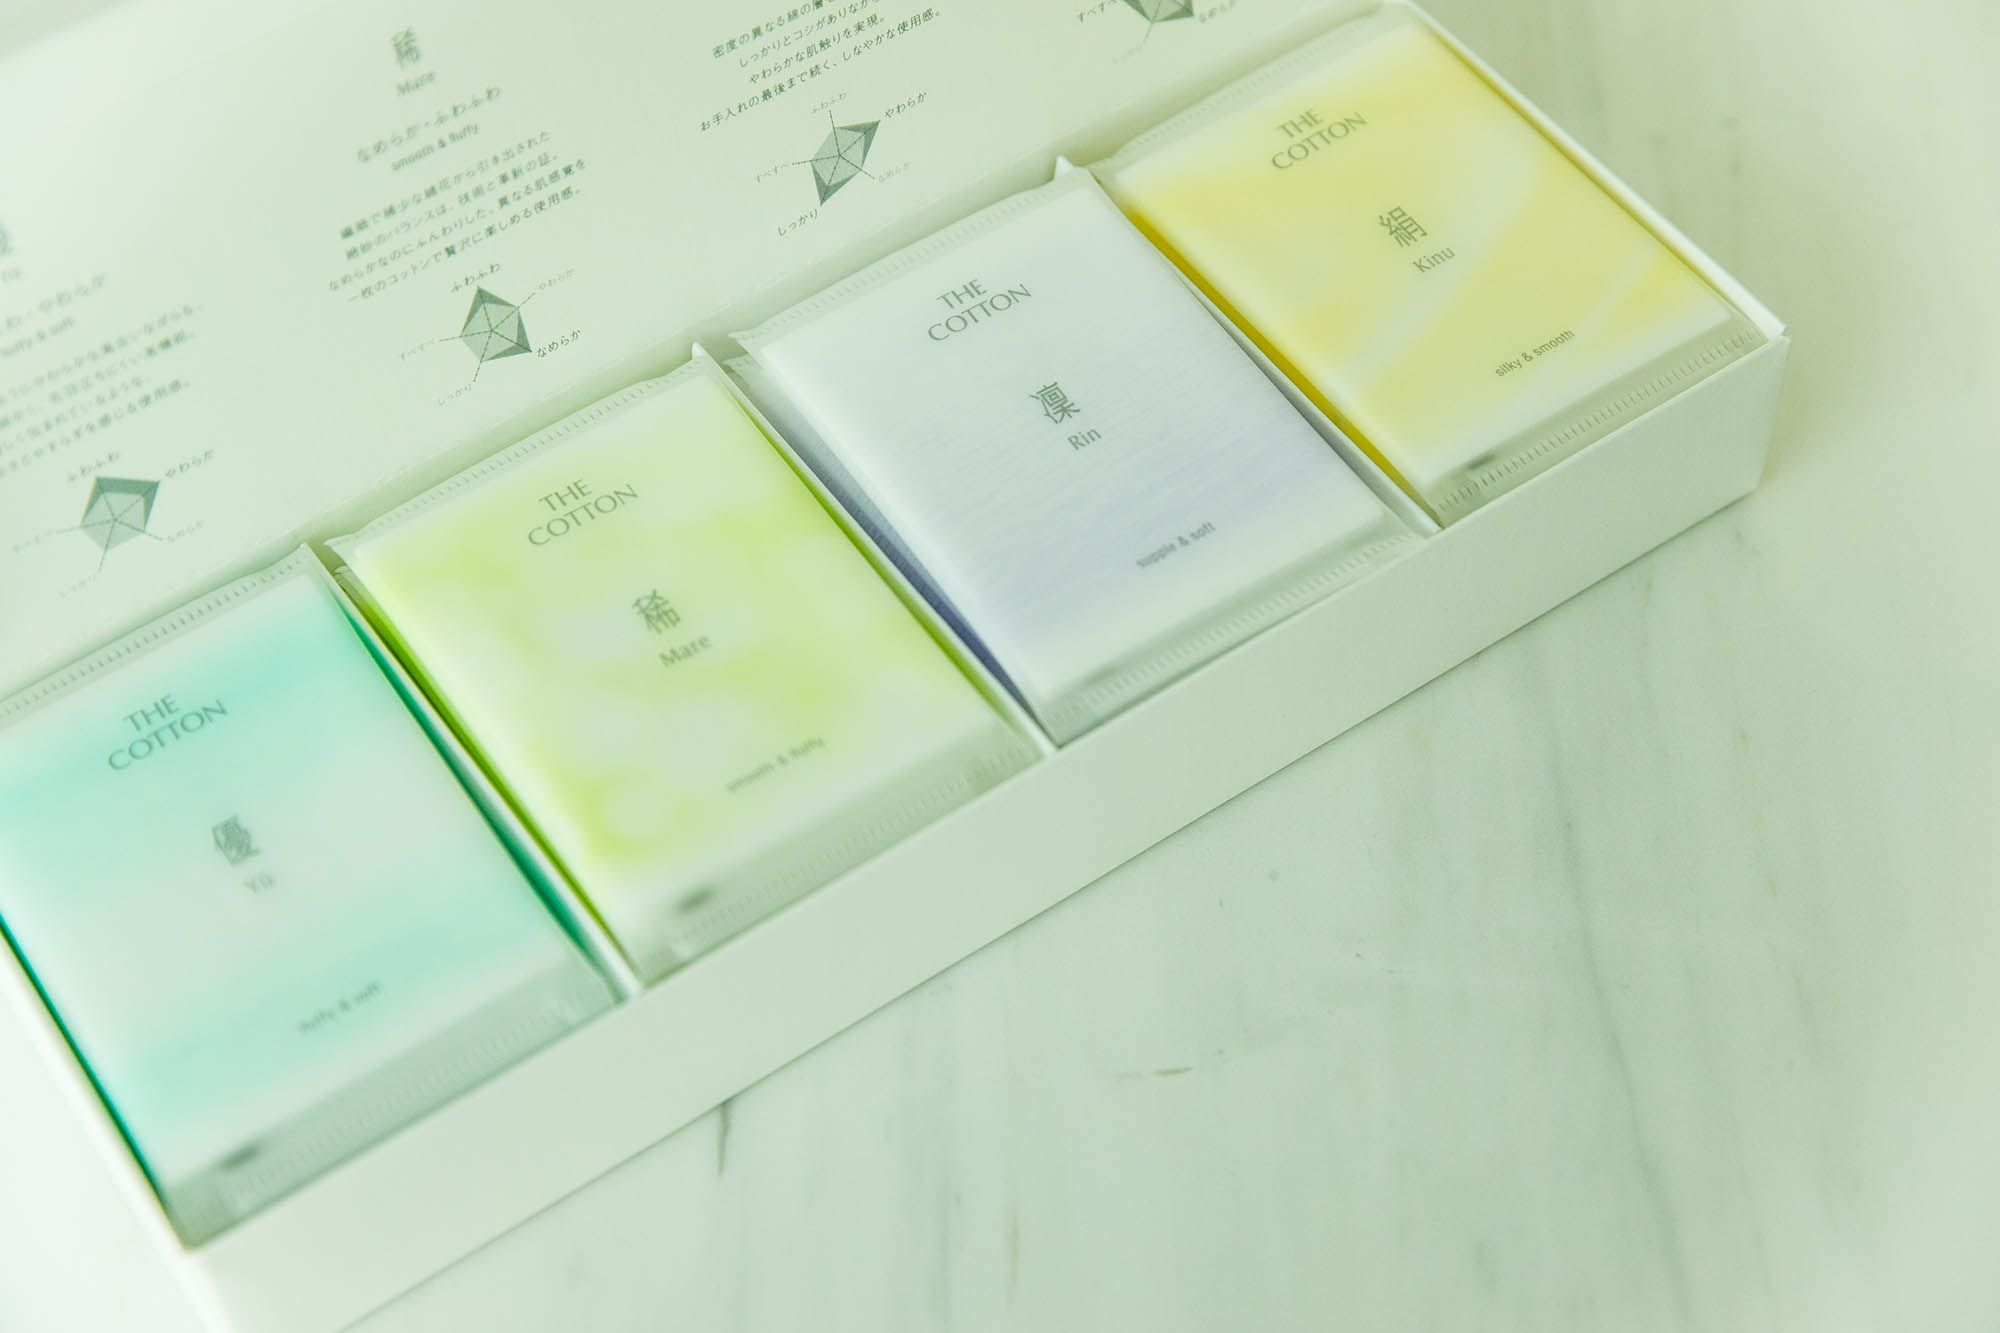 個包装しているのが「THE COTTON」の特徴。コットンが含む自然な湿度を一定に保ち、形状変化を防ぐためだ。ギフトにもふさわしい。4種類すべてが詰め合わされた「THE COTTON コレクション」(1,500円)税抜。